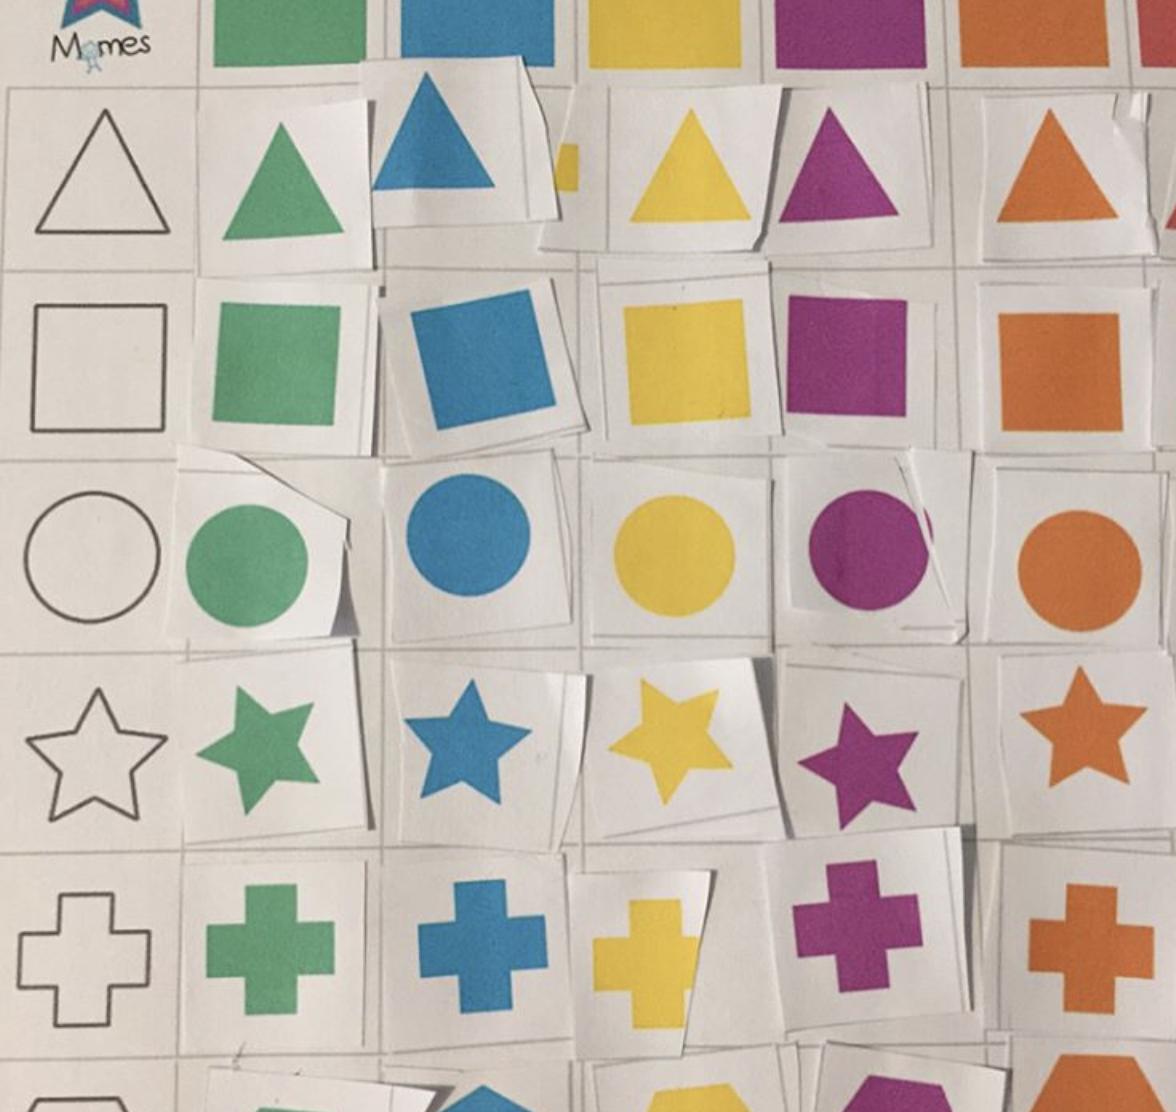 tableau à double entrée maternelle activité couleurs